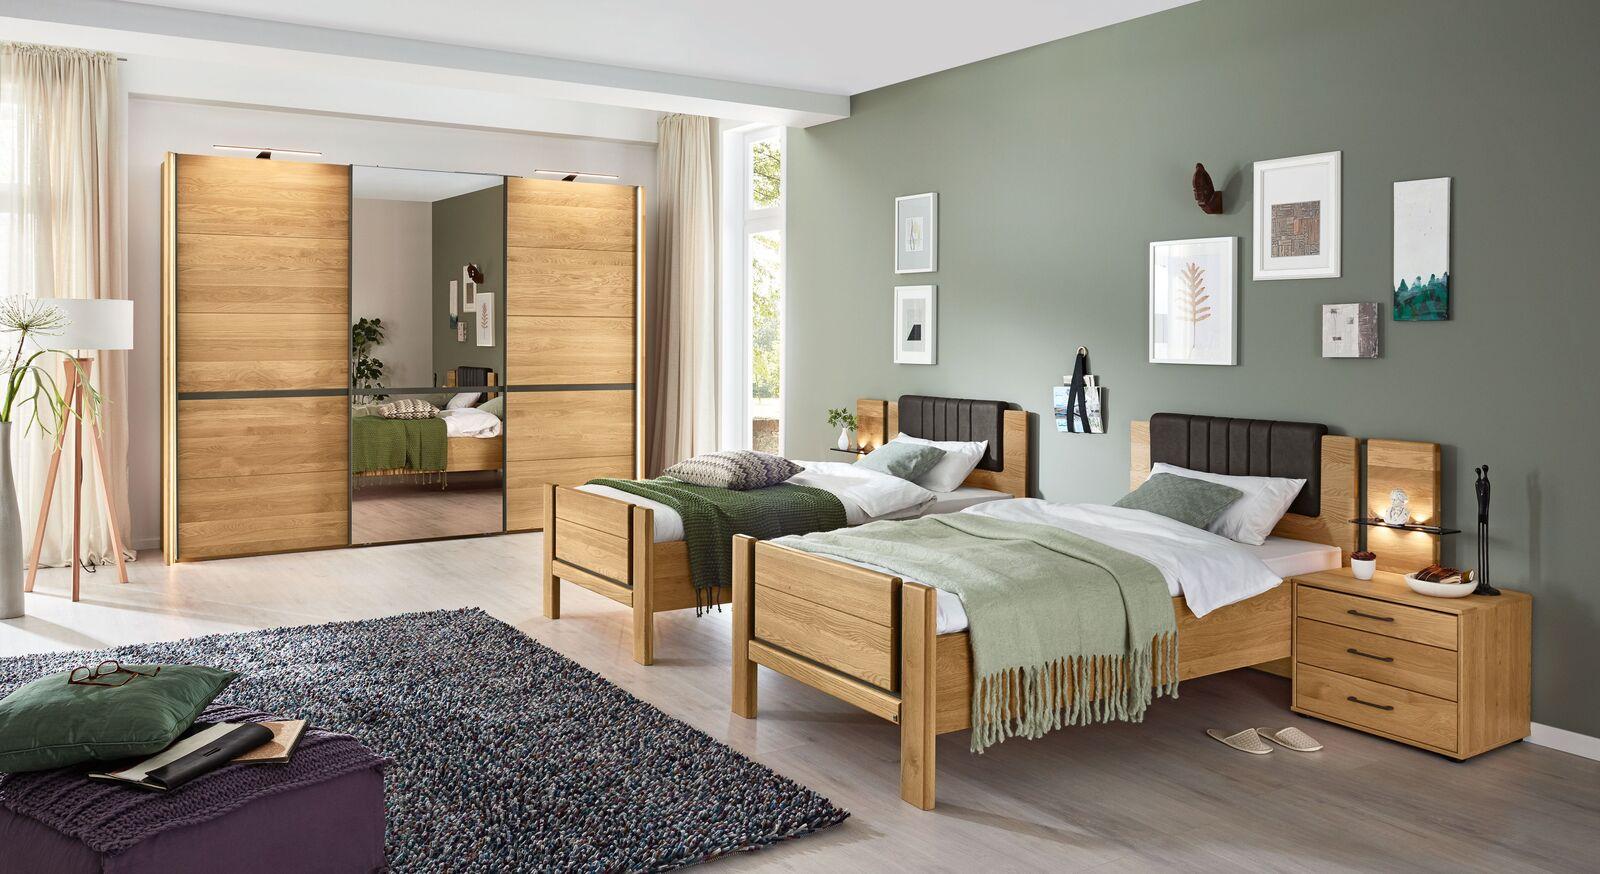 MUSTERRING Komfort-Einzelbett Sorrent mit passenden Beimöbeln